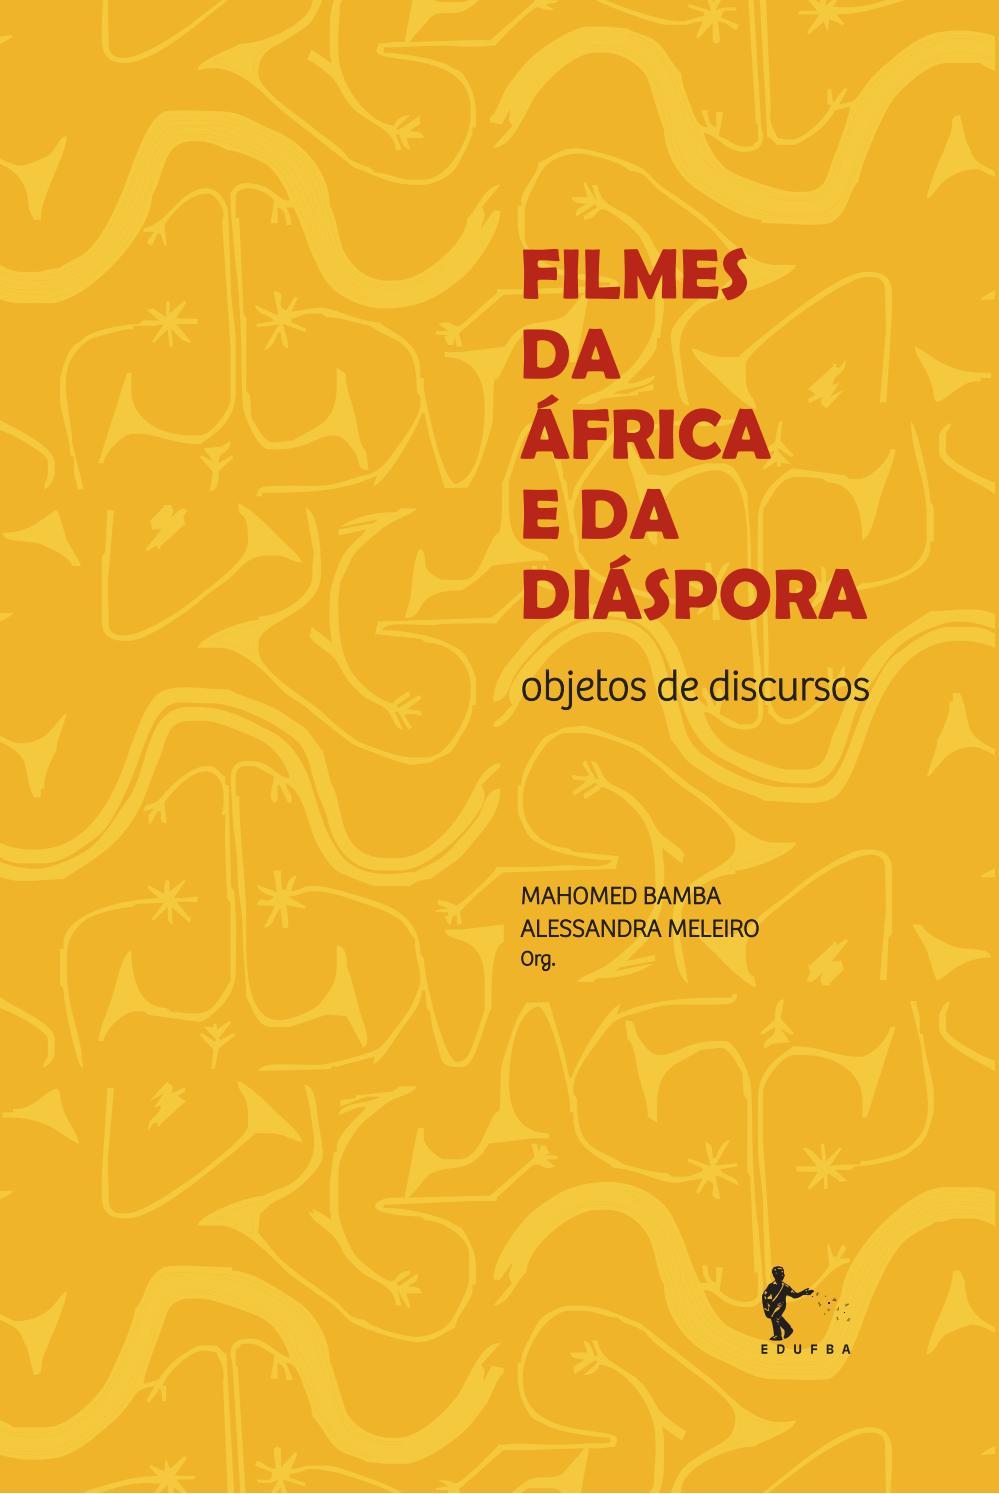 Filmes da africa e da diaspora by HistóriaTec - issuu 260a426adf